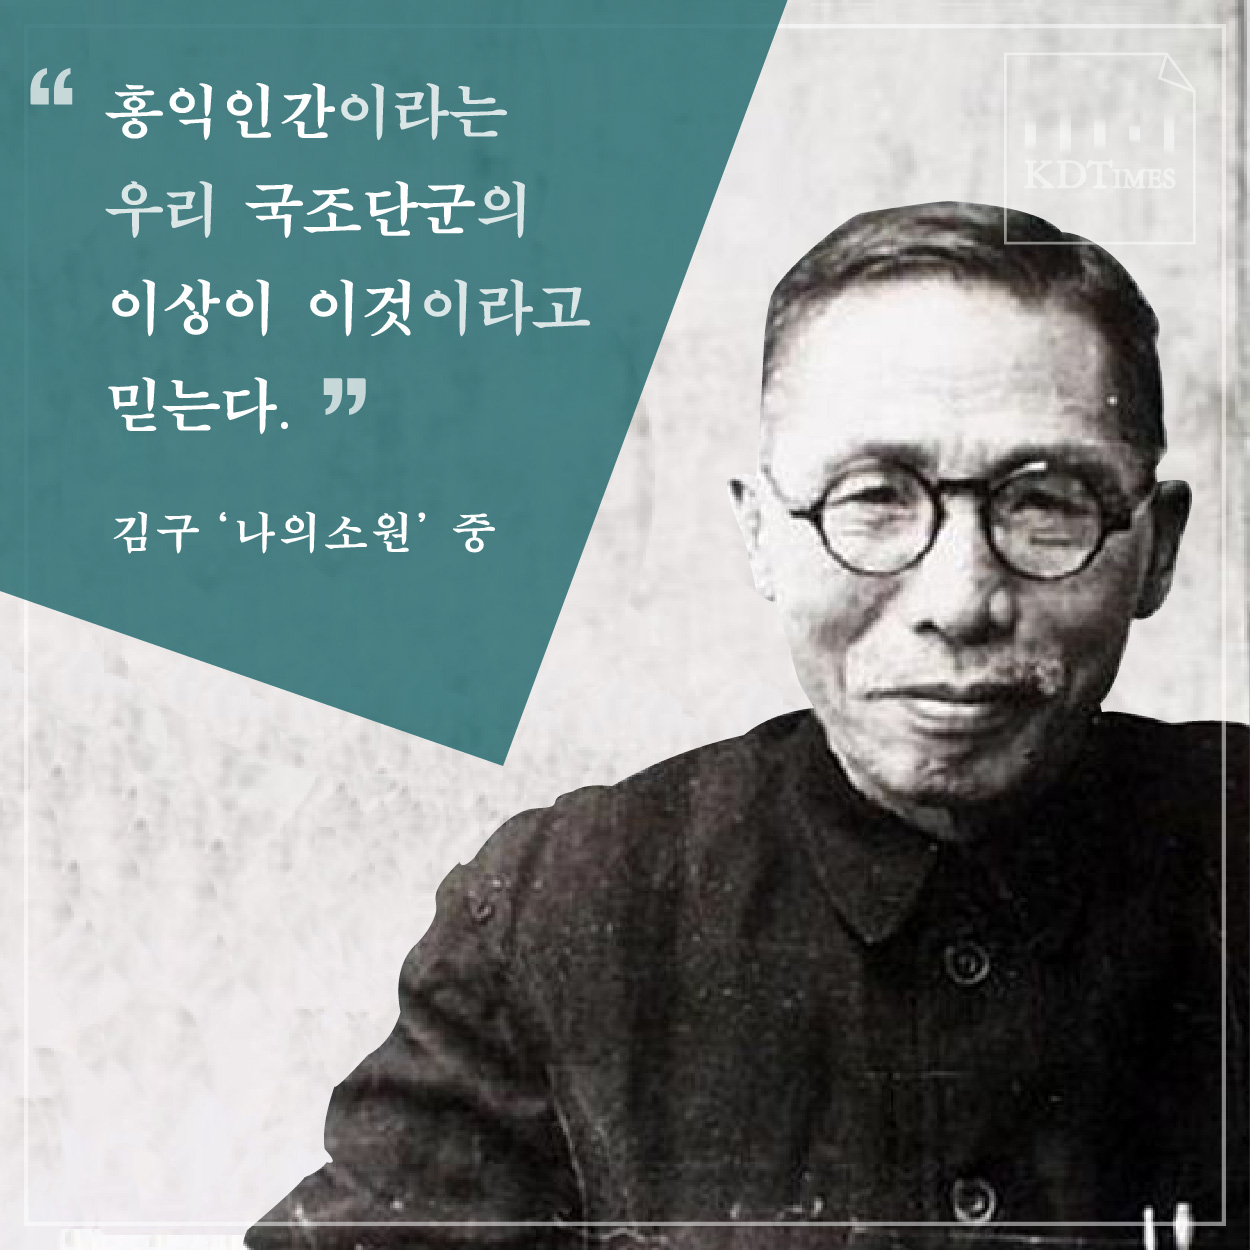 180327 김구의코리안드림-04.jpg